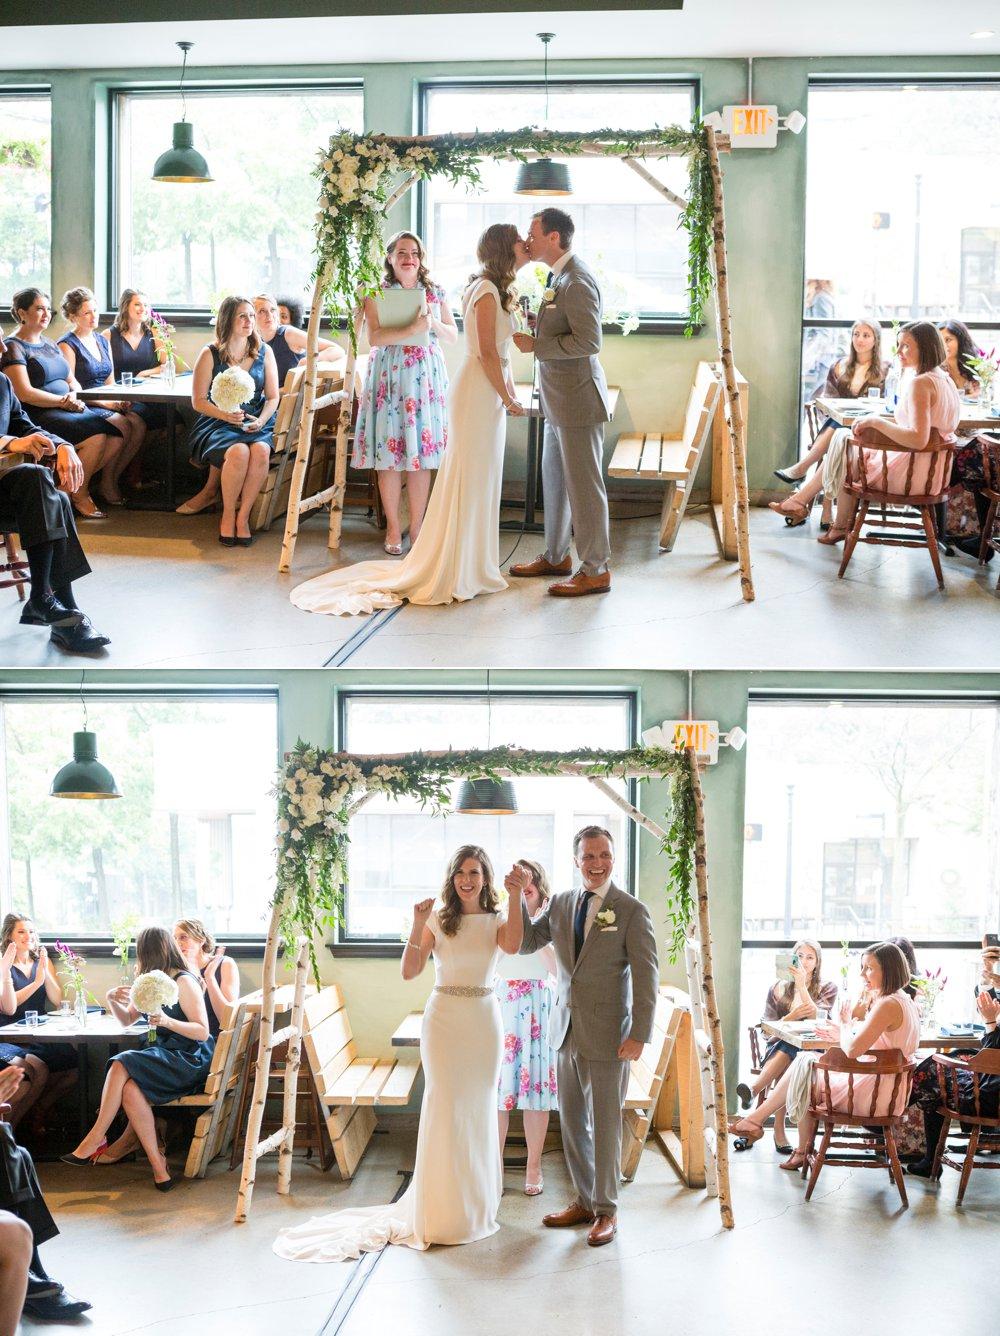 SomerbyJonesPhotography_LoyalNineWedding_LoyalNineRestaurant_LoyalNine_Wedding_0028.jpg